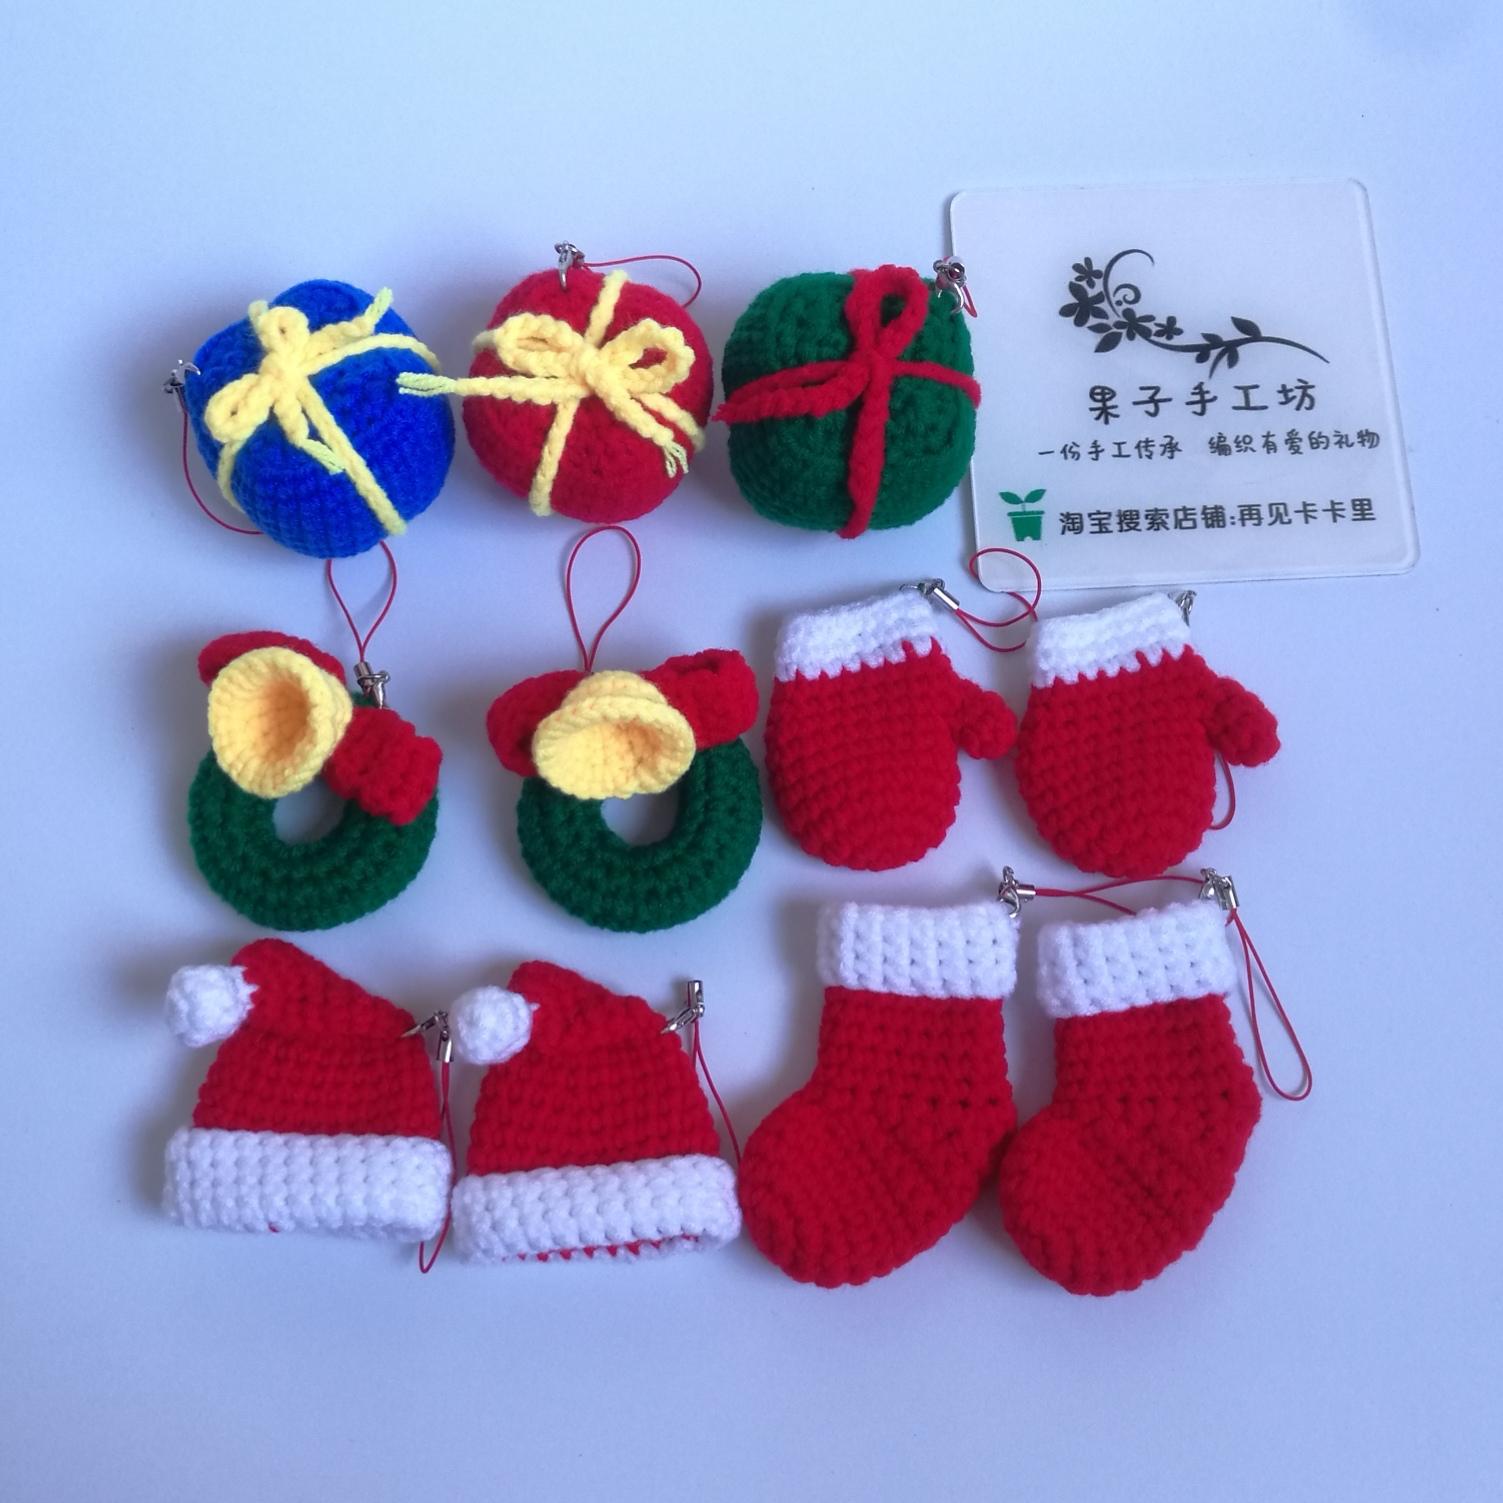 纯手工毛线针织挂件圣诞树装饰品铃铛花环手套帽子袜子节日礼物